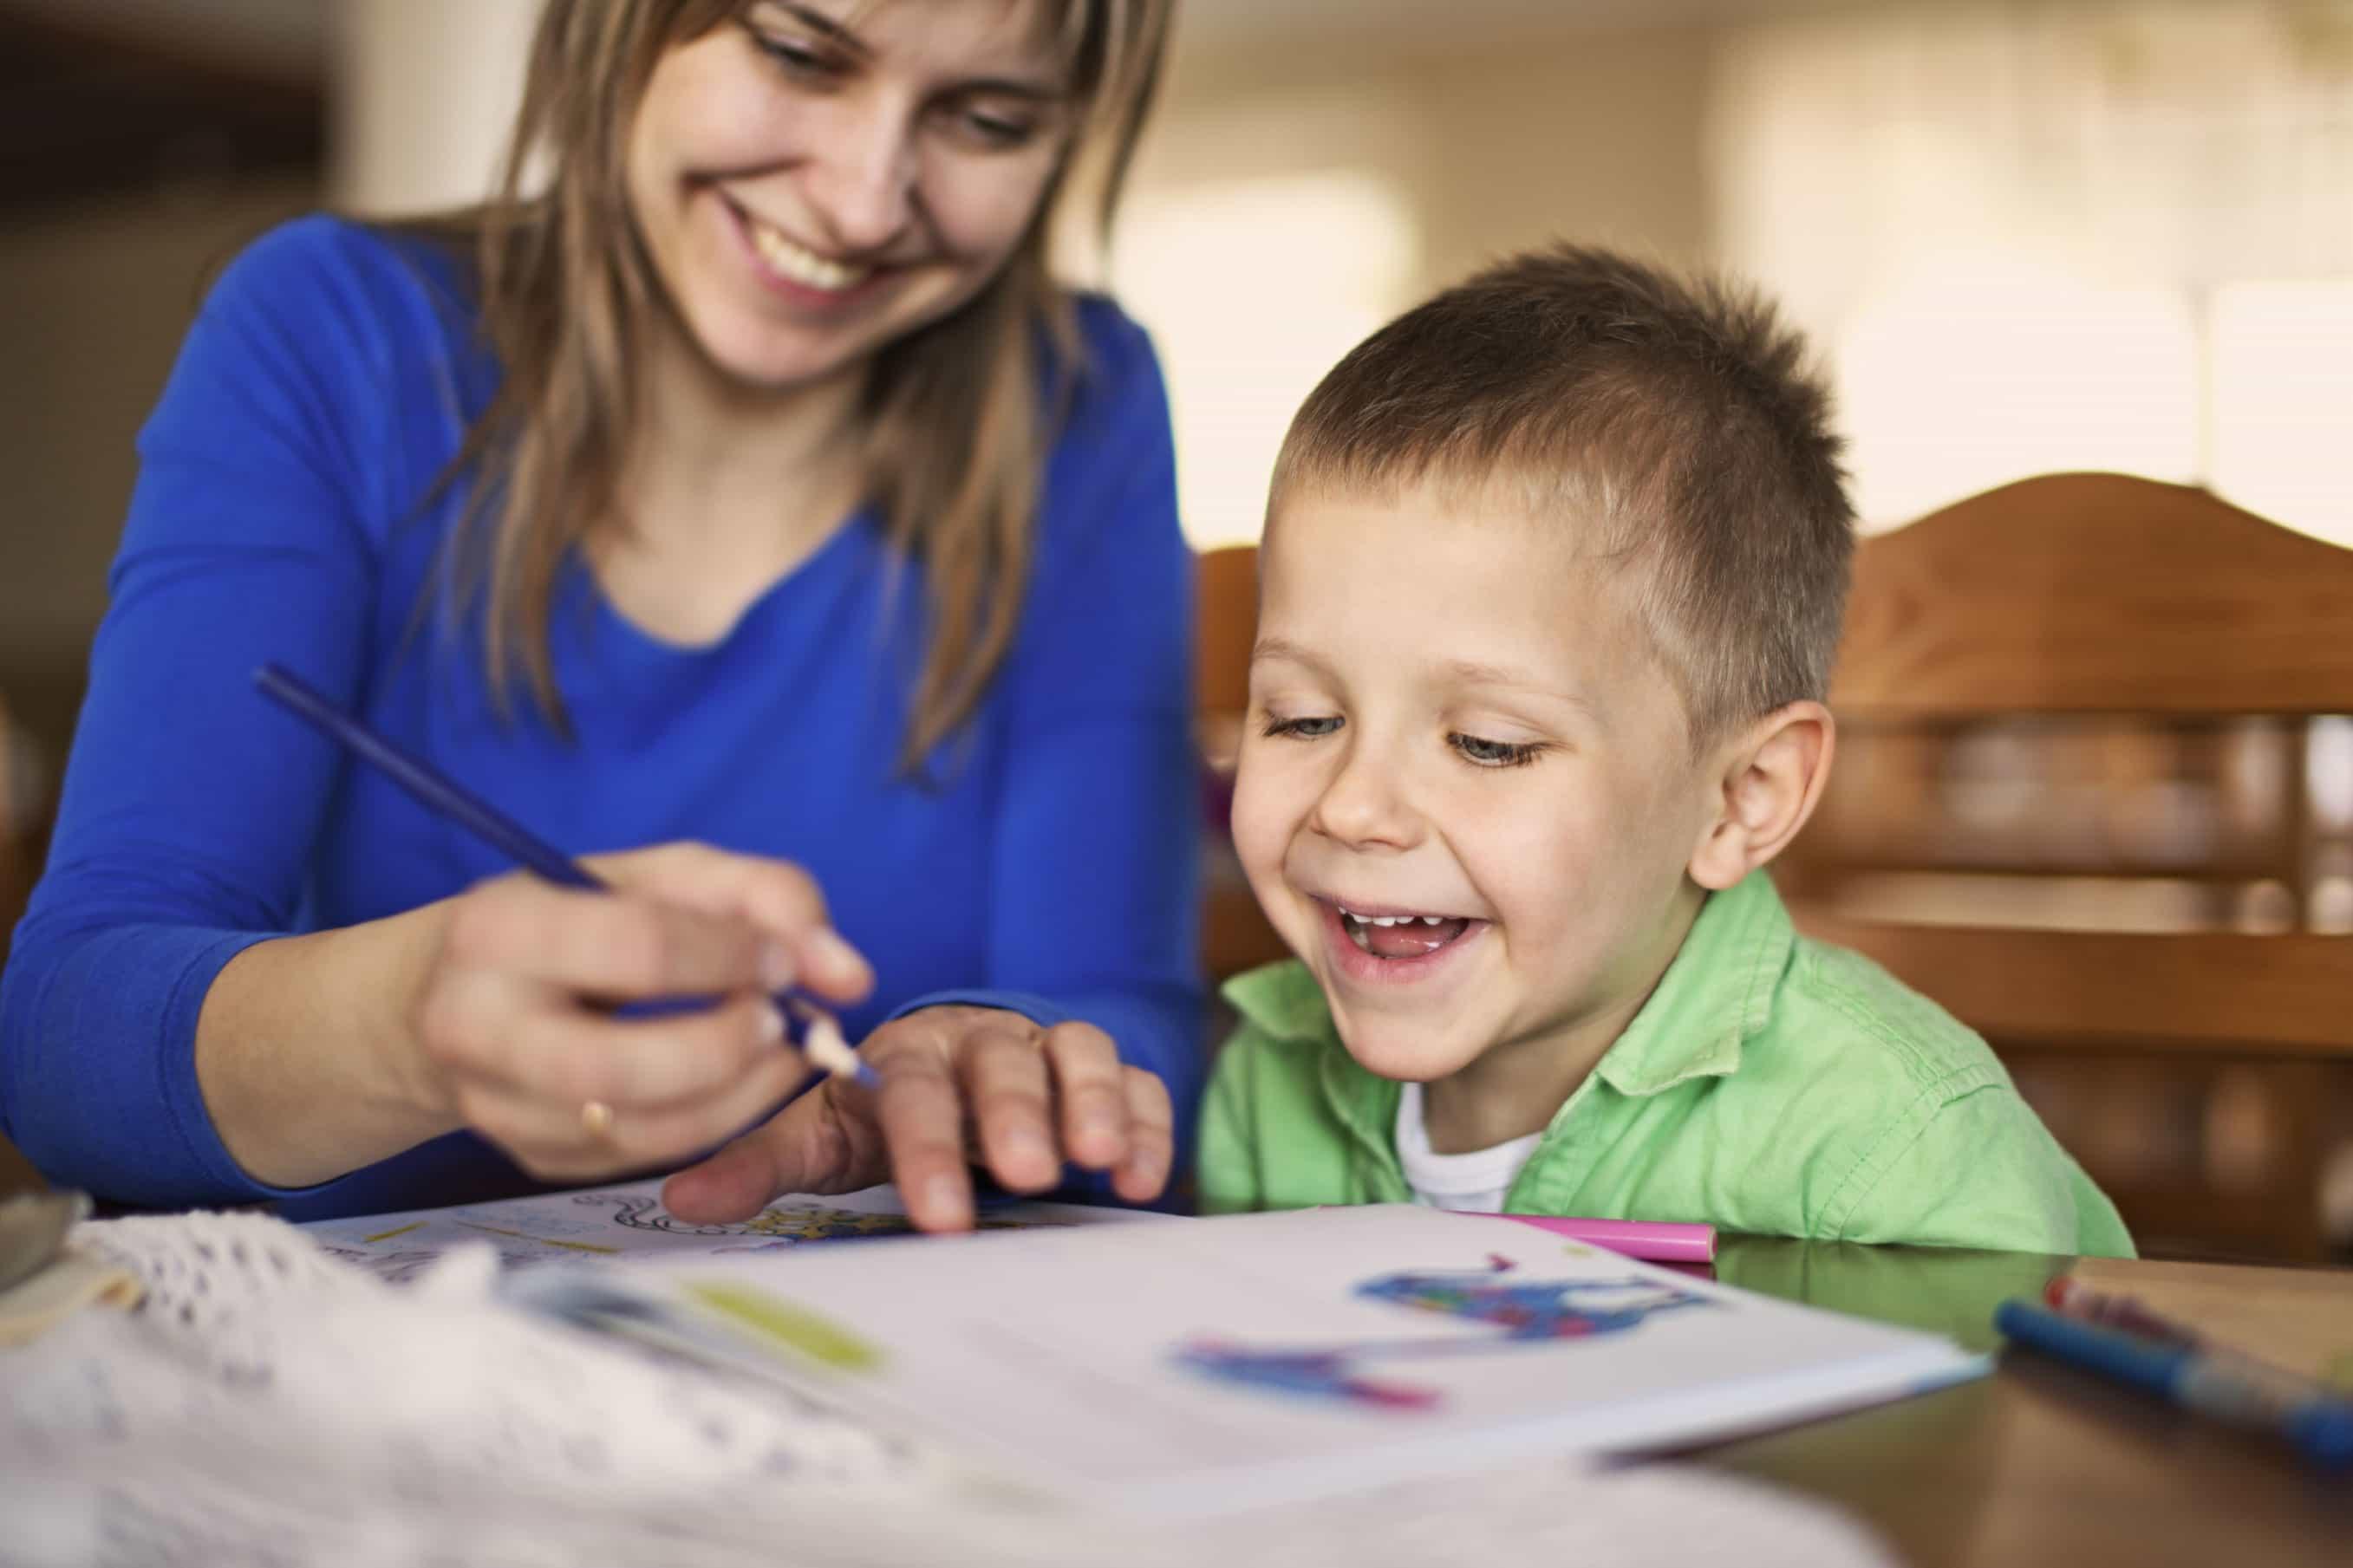 Как подготовить ребёнка к взрослой жизни: 6 советов по подготовке детей к взрослой жизни